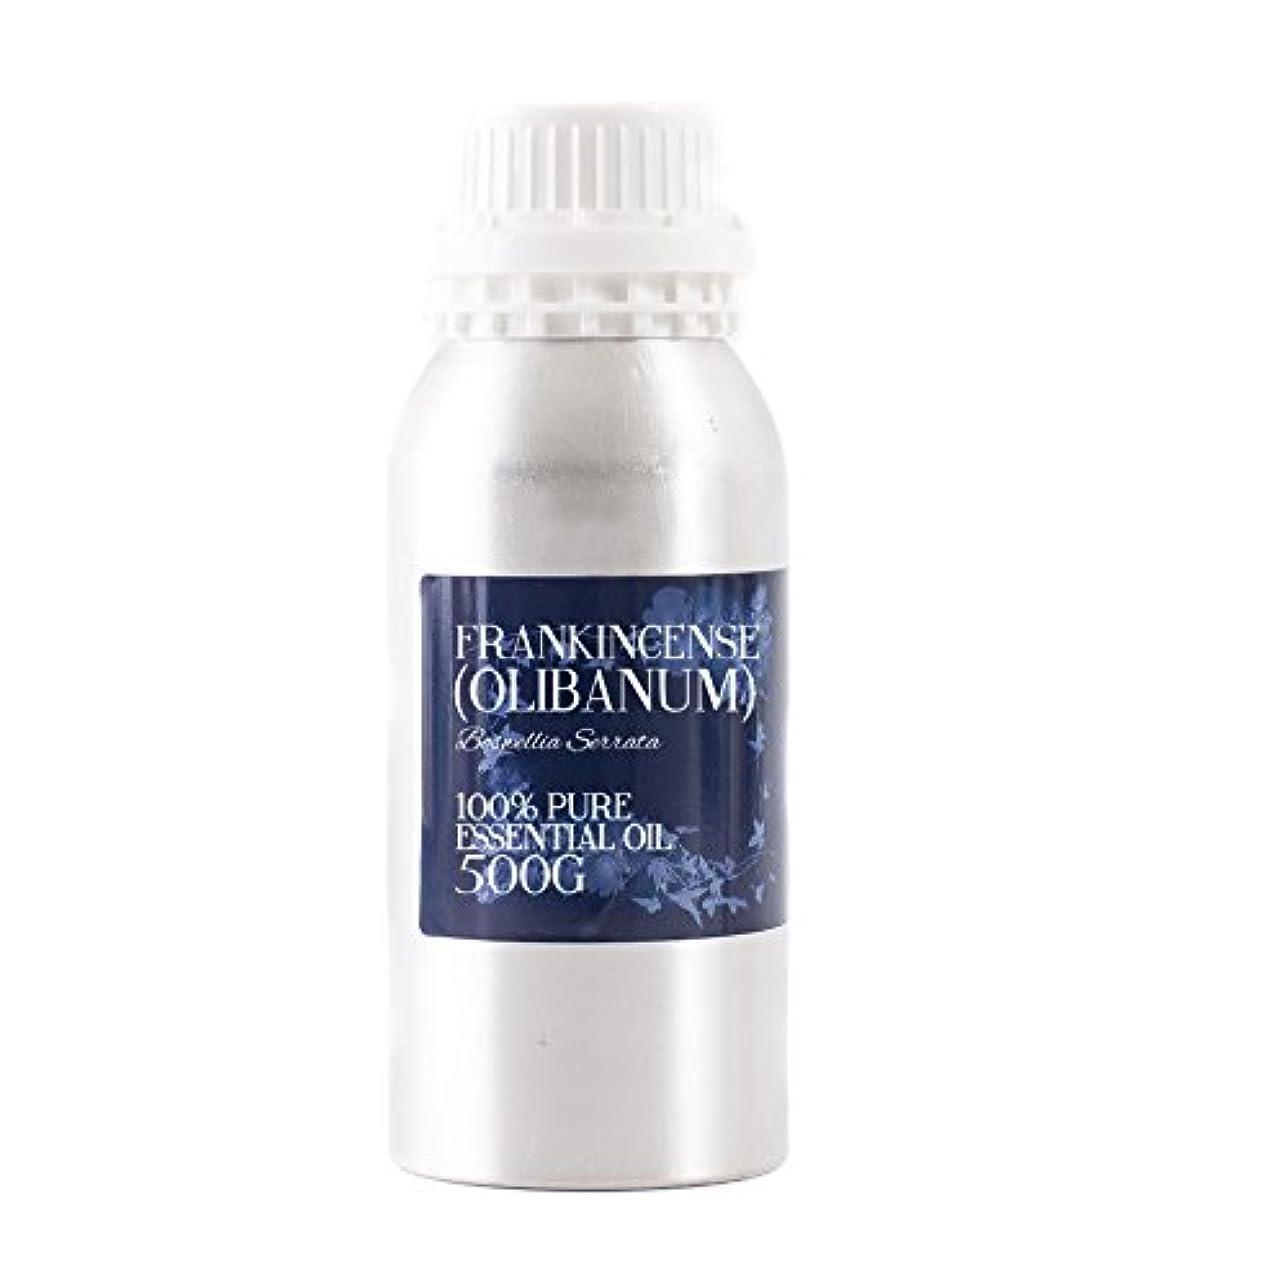 メトリック塗抹宙返りMystic Moments | Frankincense Olibanum Essential Oil - 500g - 100% Pure